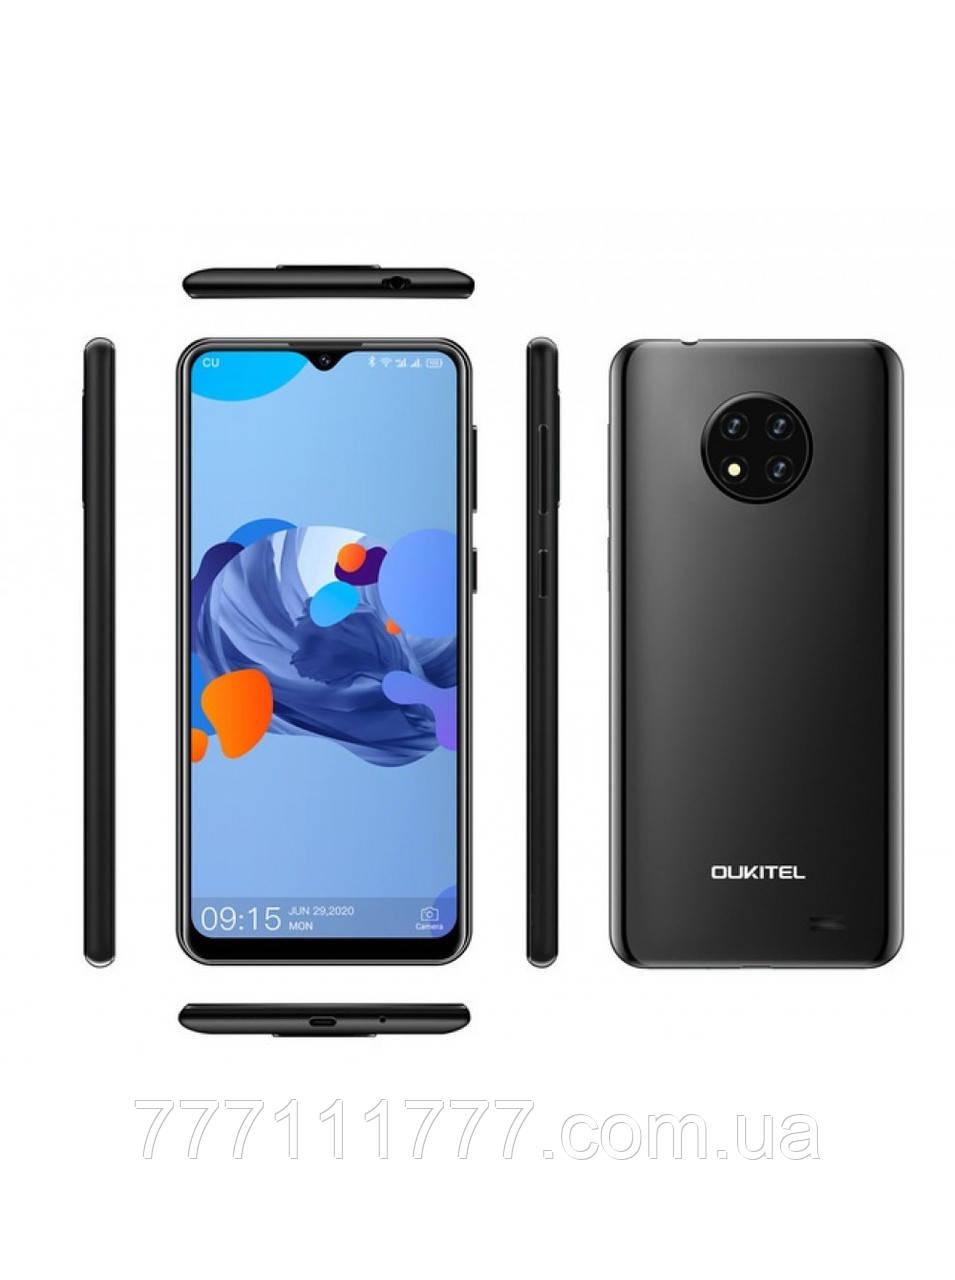 Смартфон черный с хорошей батареей большой емкости и тремя камерами на 2 sim OUKITEL C19 black 2/16 гб